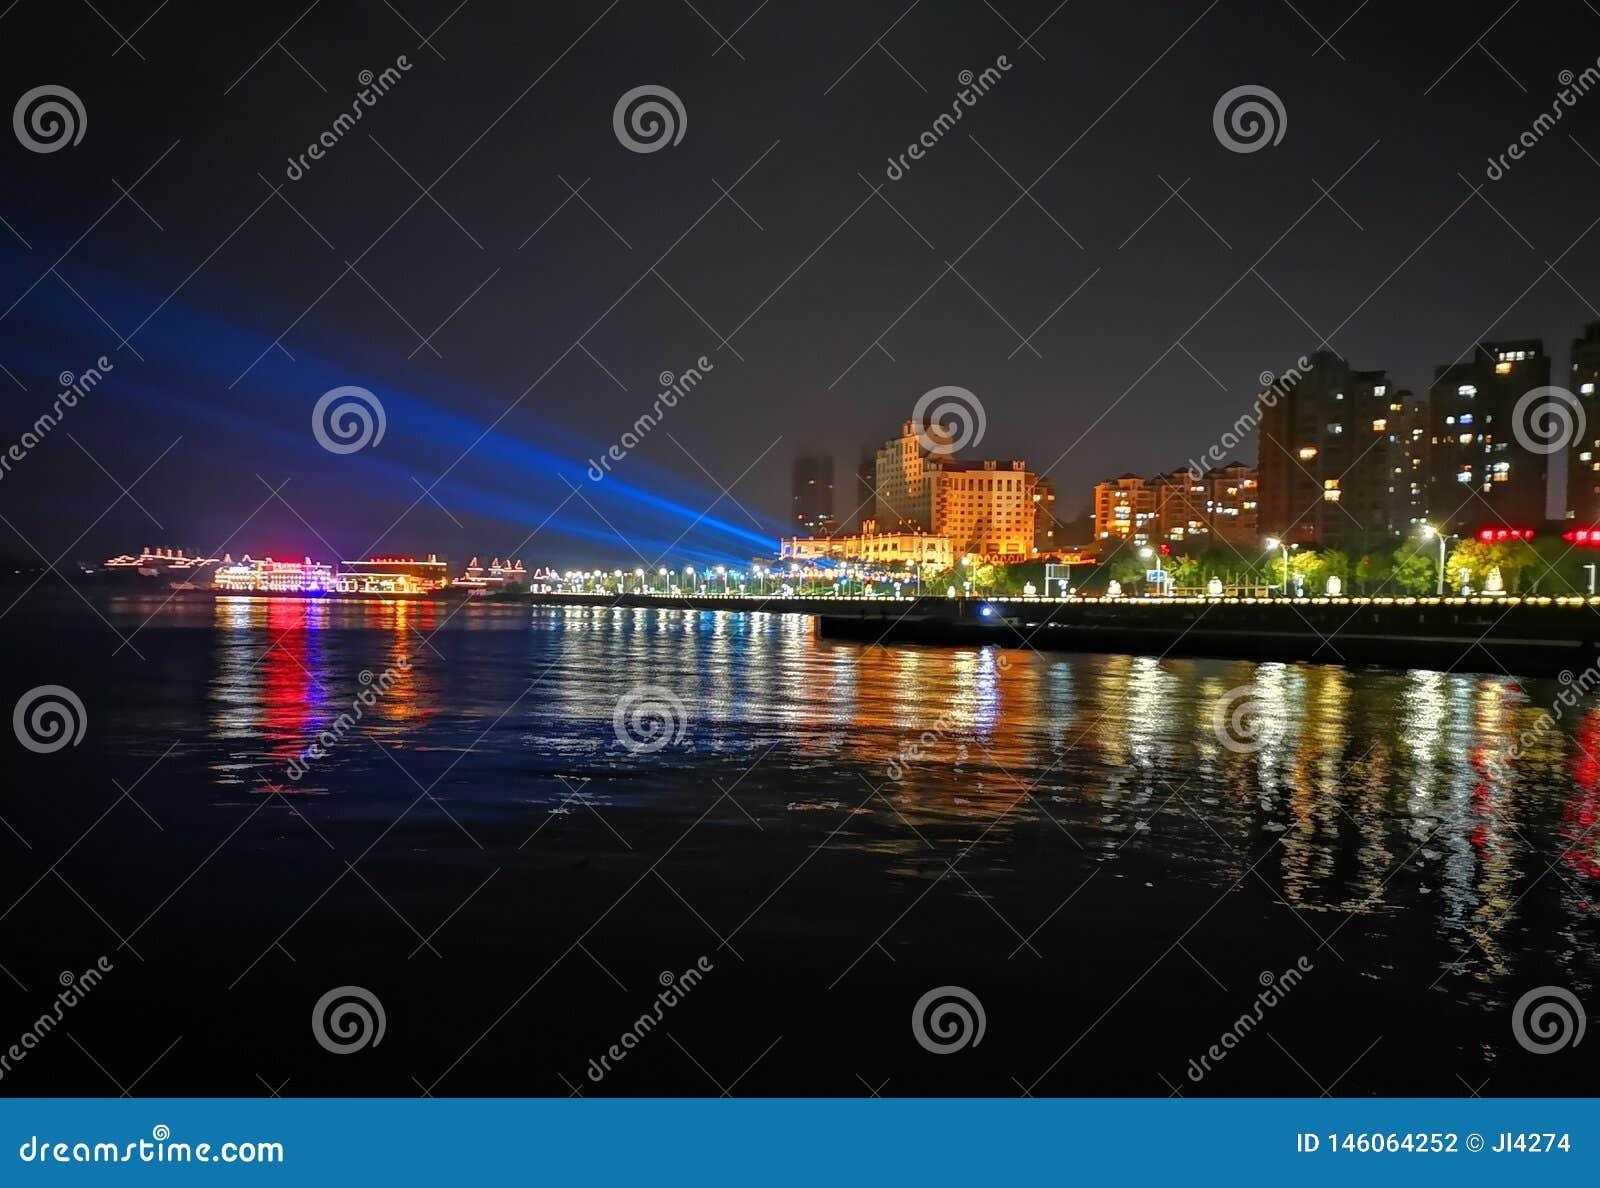 Nachtmening van een kuststad, Yantai, China